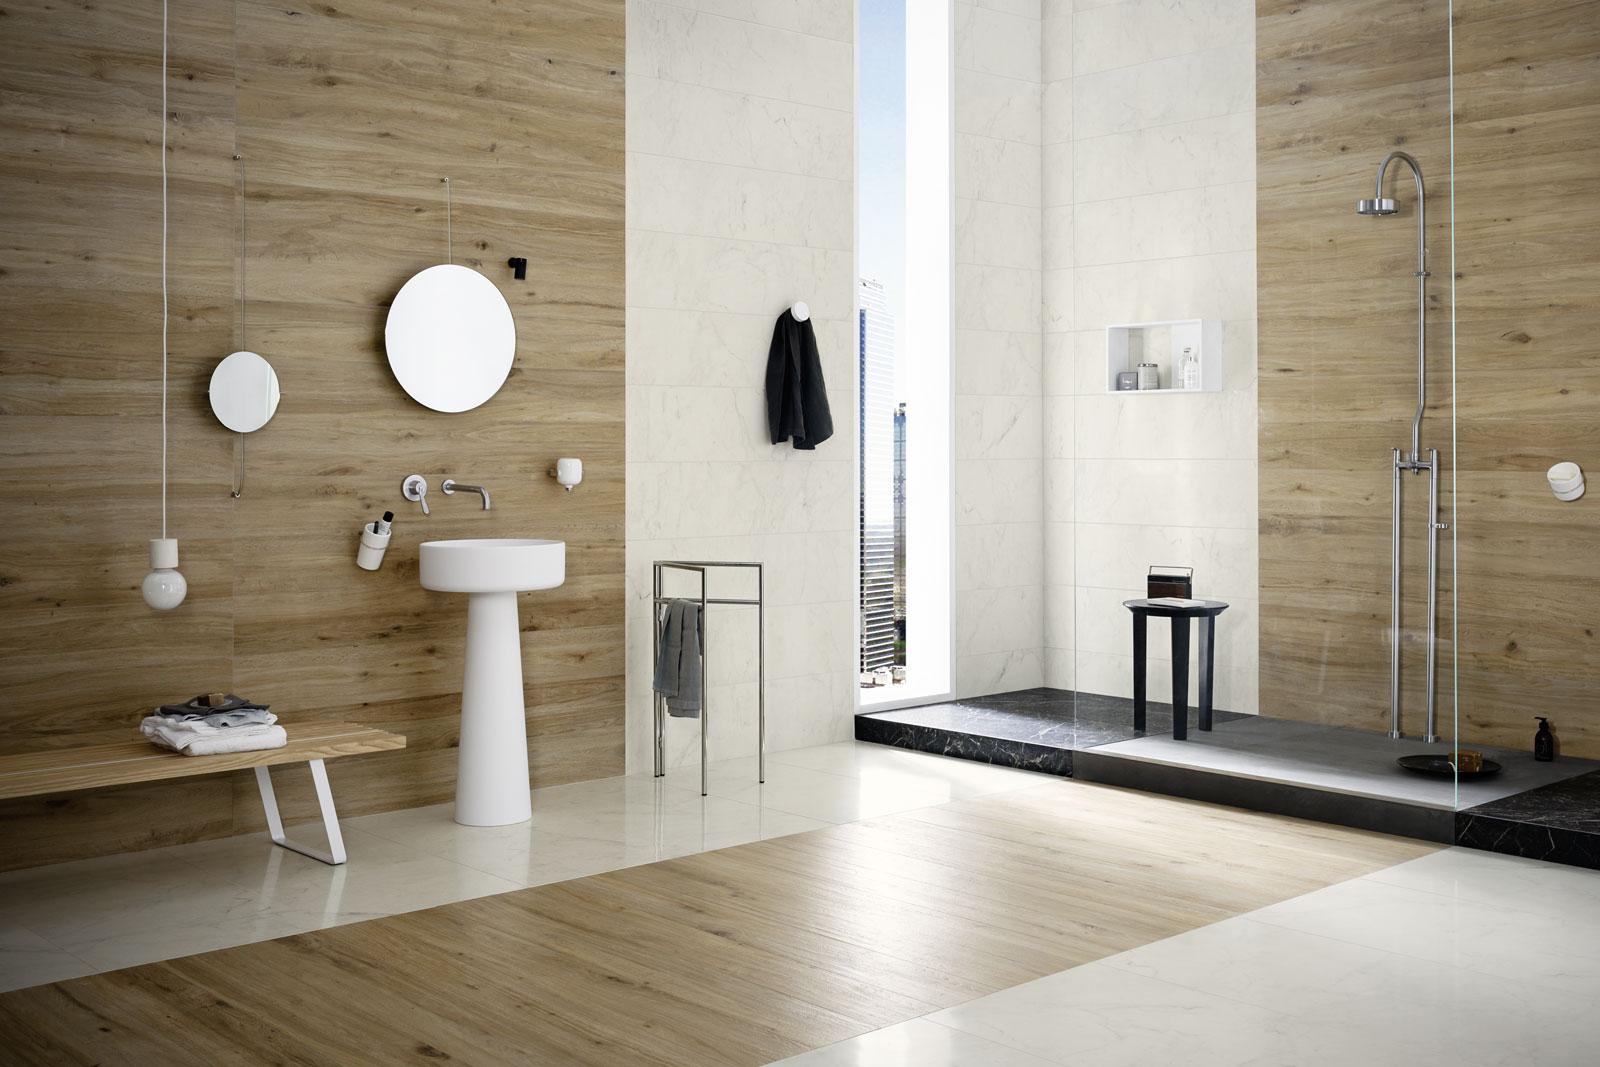 Carrelage salle de bain c ramique et gr s c rame marazzi - Carrelage italien salle de bain ...